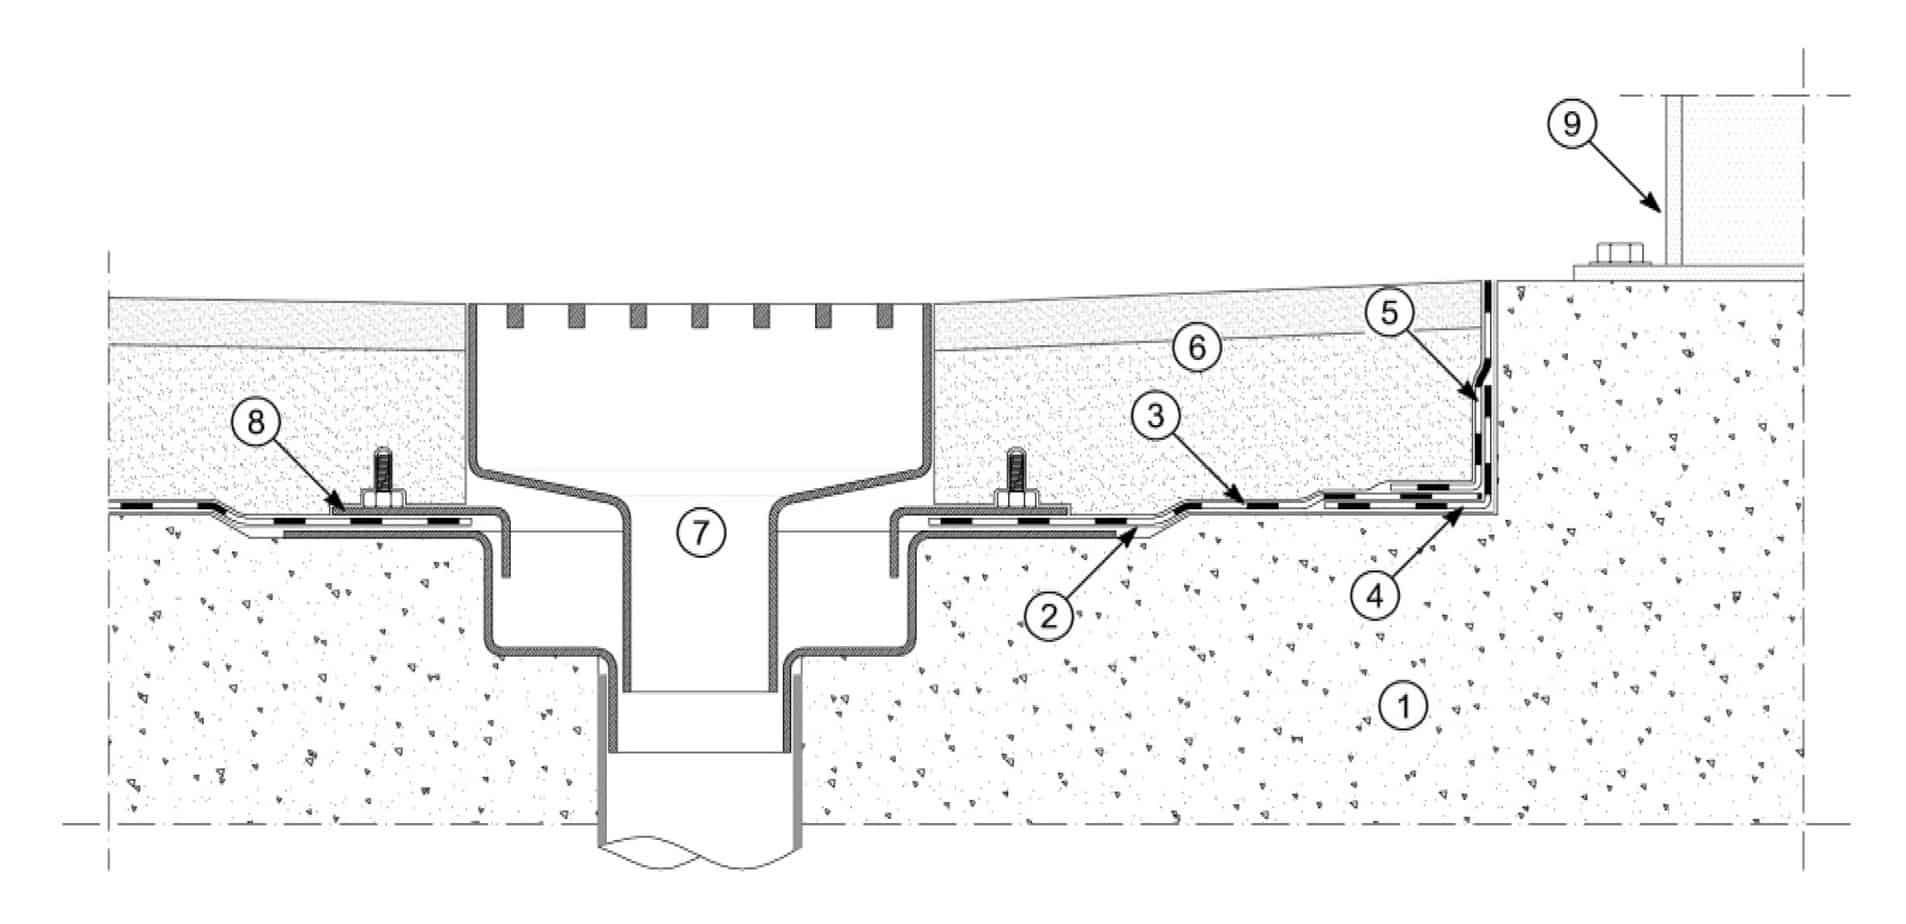 Il dettaglio della bocchetta di scarico:  supporto-soletta in cemento armato; primer bituminoso Polyprimer HP 45 Professional o Idroprimer o primer epossidico Epoxy Primer; membrana impermeabilizzante per ponti Polyglass, (tipo Polybond HP, Polyflex HP, Elastoflex HP, Evolight HP o Polyflex Light HP); membrana impermeabilizzante di rinforzo Polyglass; risvolto verticale con membrana impermeabilizzante per ponti Polyglass; pavimentazione-binder stradale e strato di usura come da progetto; bocchetta di scarico per ponti secondo la Norma UNI EN 124; flangia superiore della bocchetta di scarico; guard rail